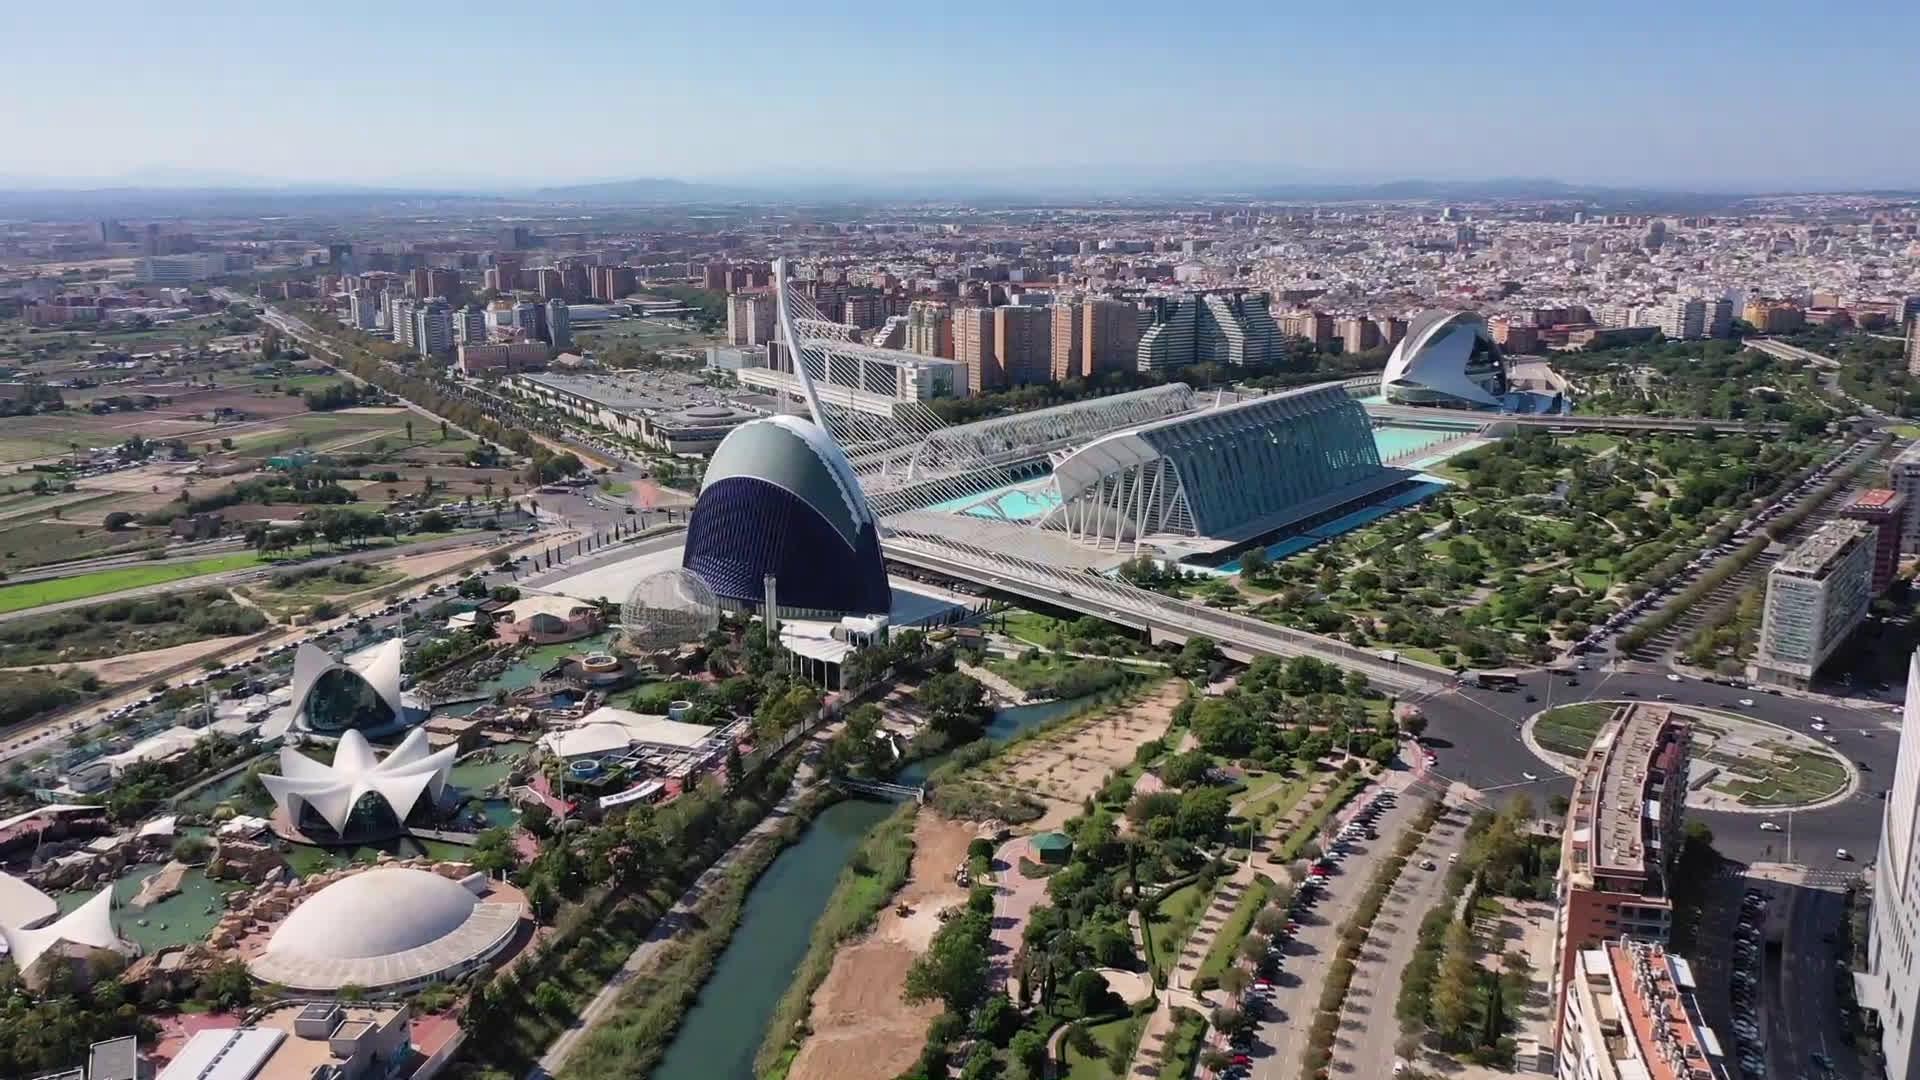 València Tourism